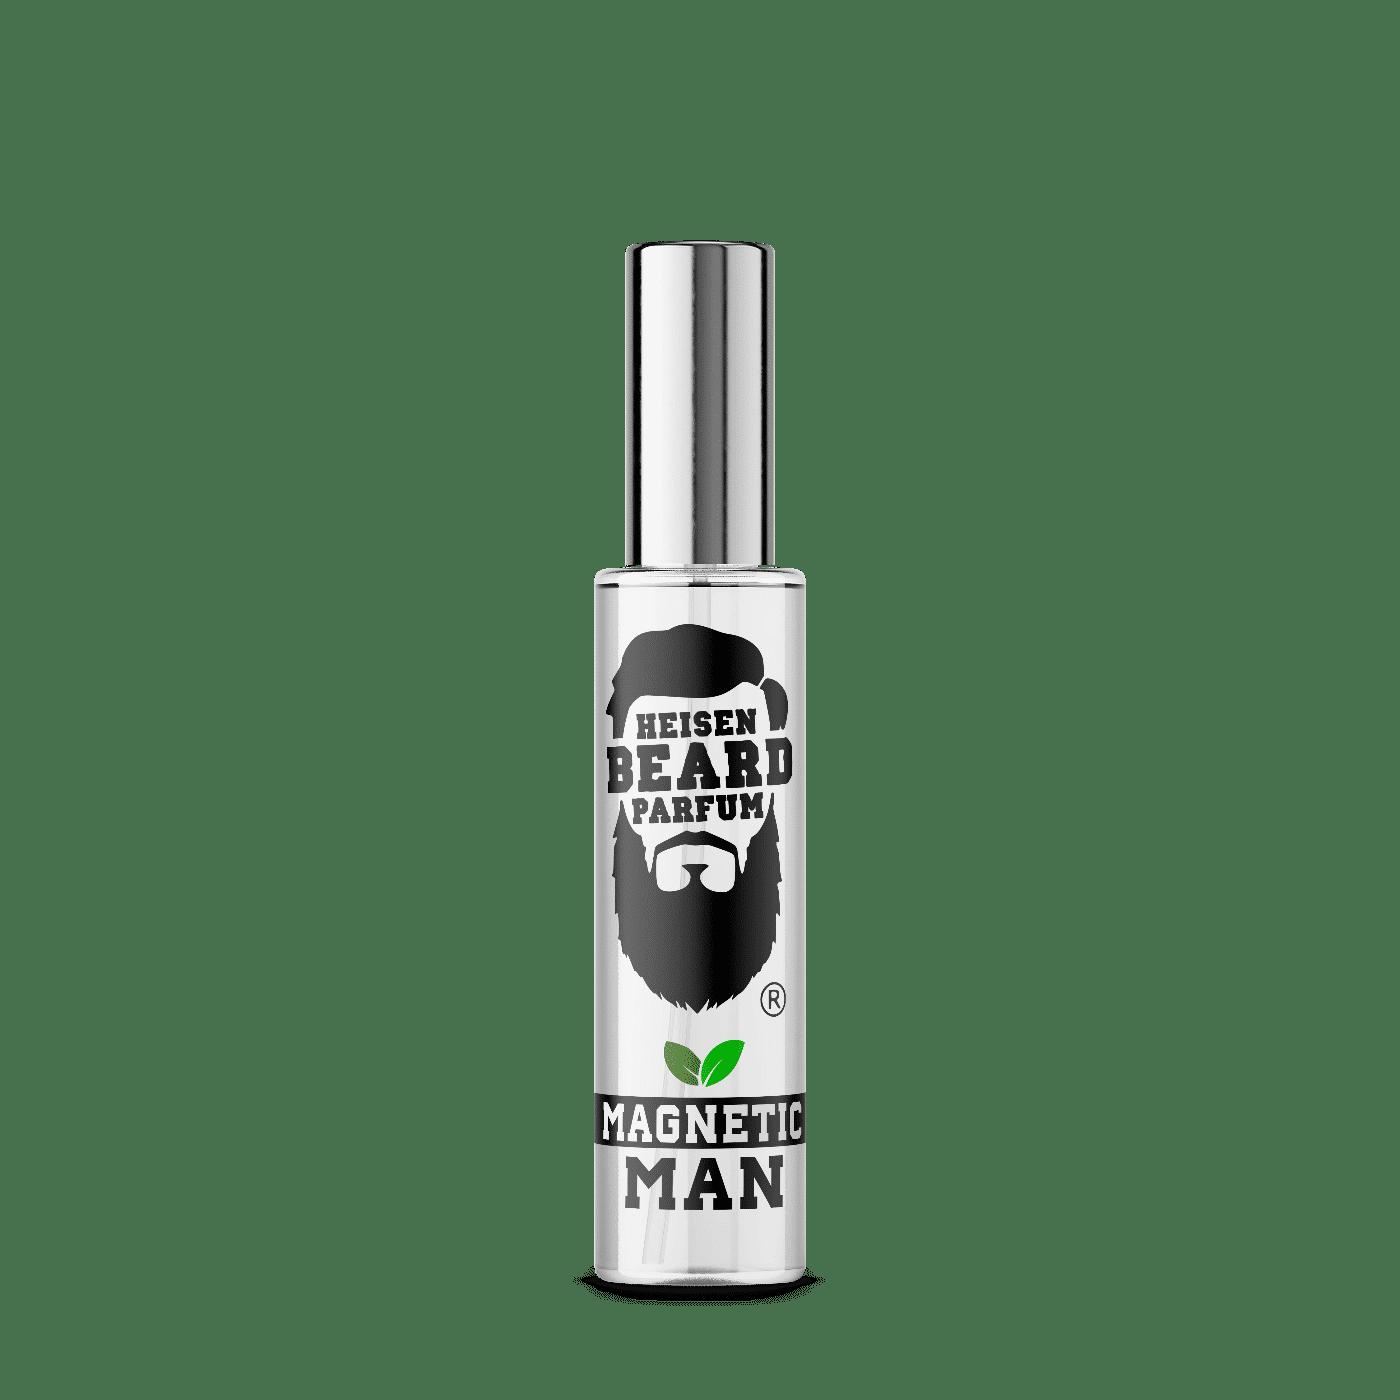 Männerdüfte: Eau de Parfum Heisenbeard Magnetic Man - fruchtig & süß